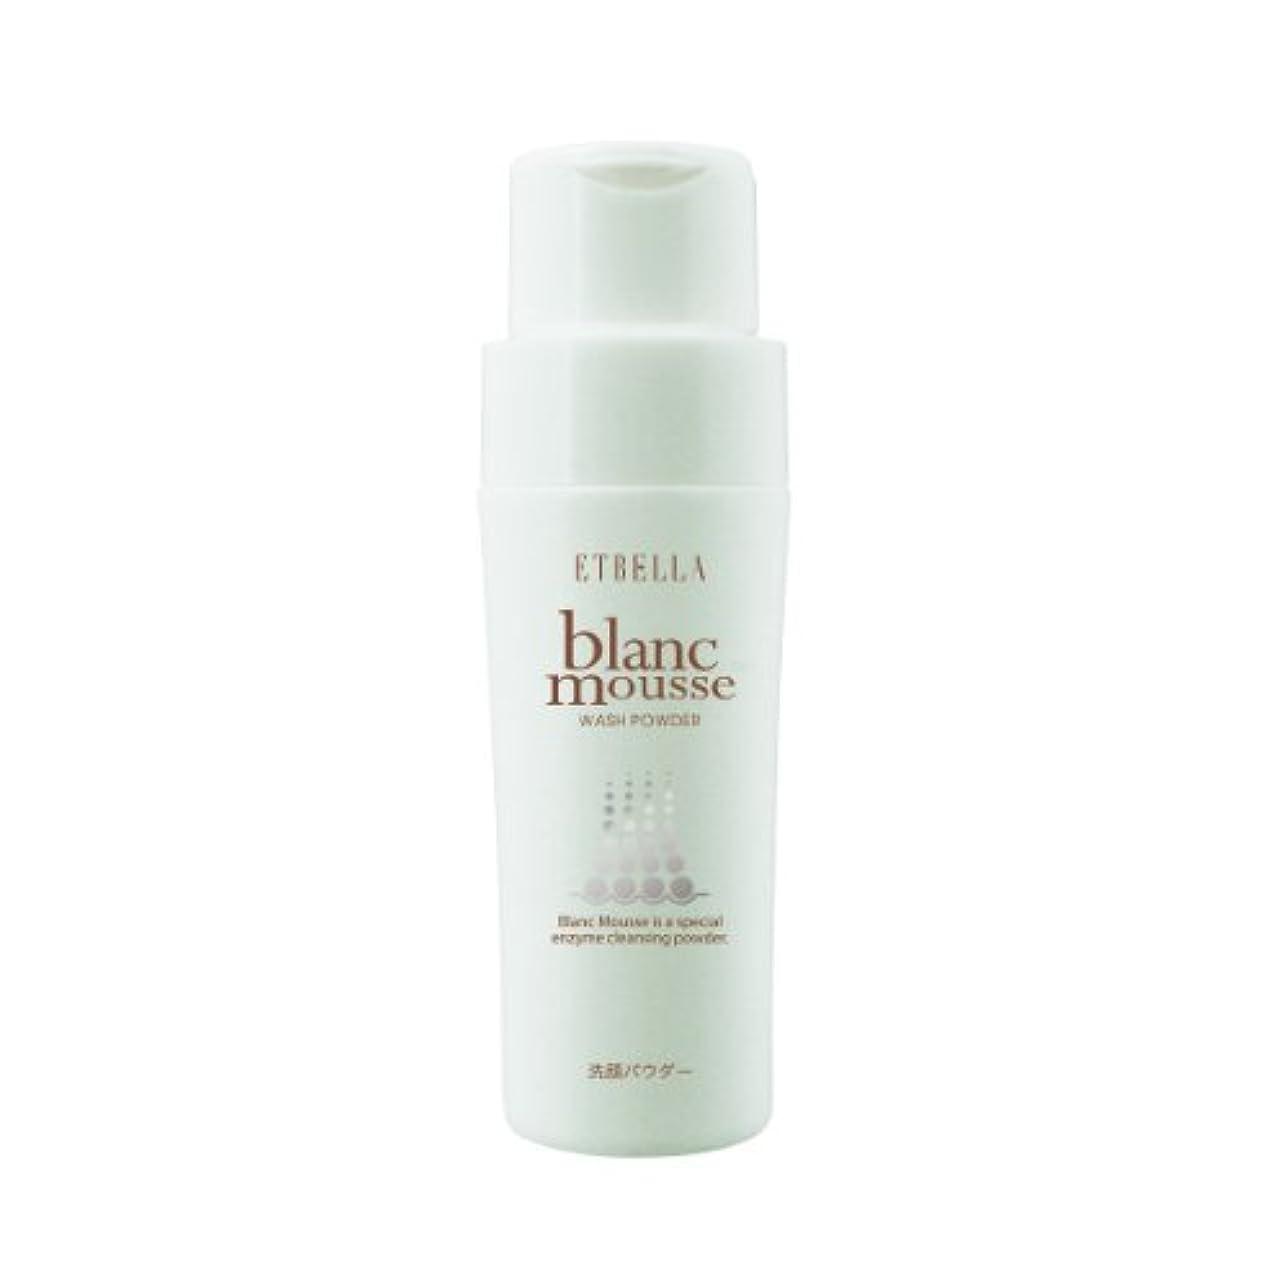 豊富な上にペルメルブランムース酵素洗顔パウダー 60g